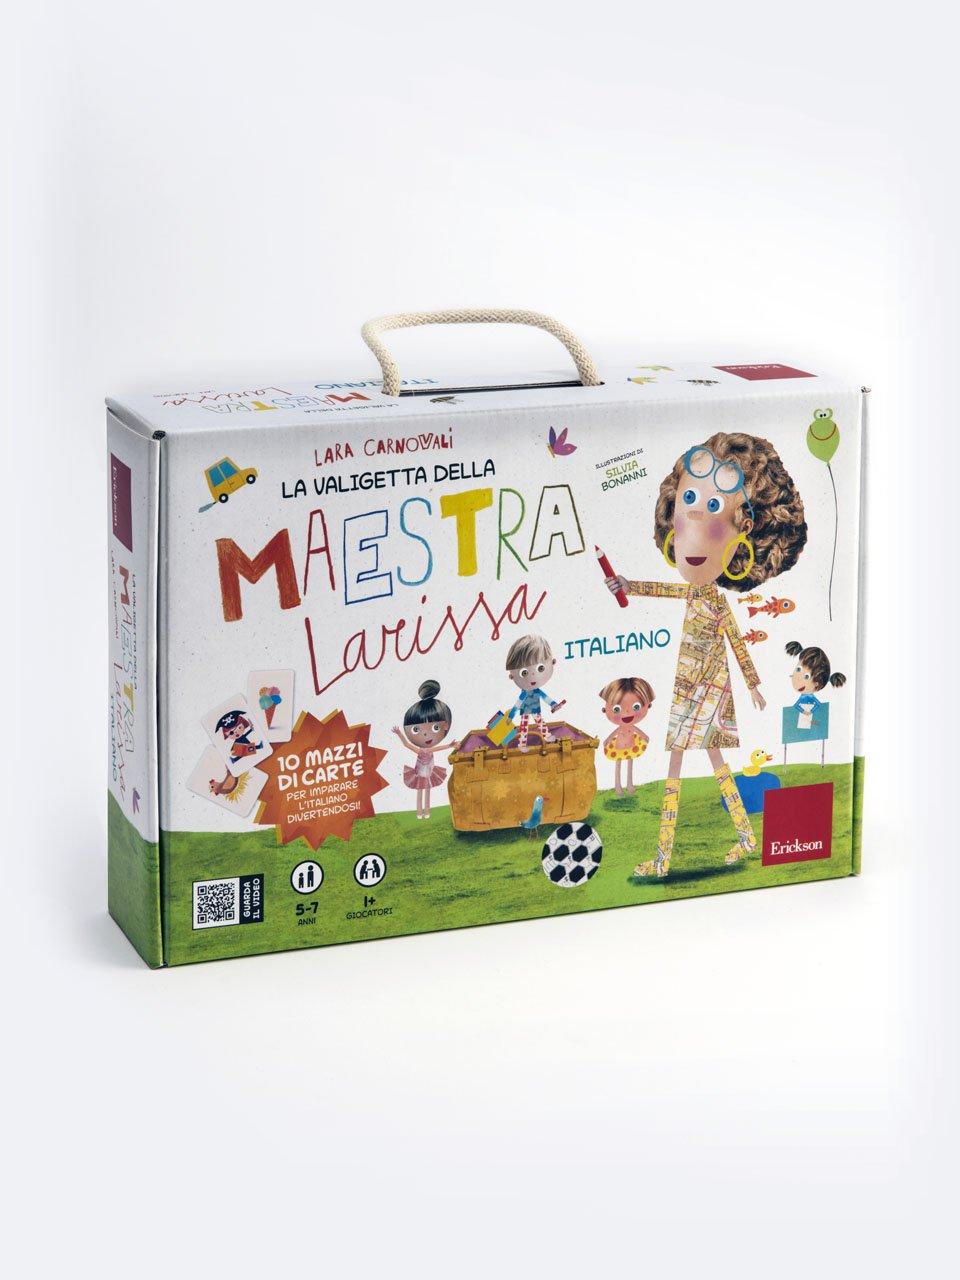 La valigetta della Maestra Larissa - Sillabe in gioco - Giochi - Erickson